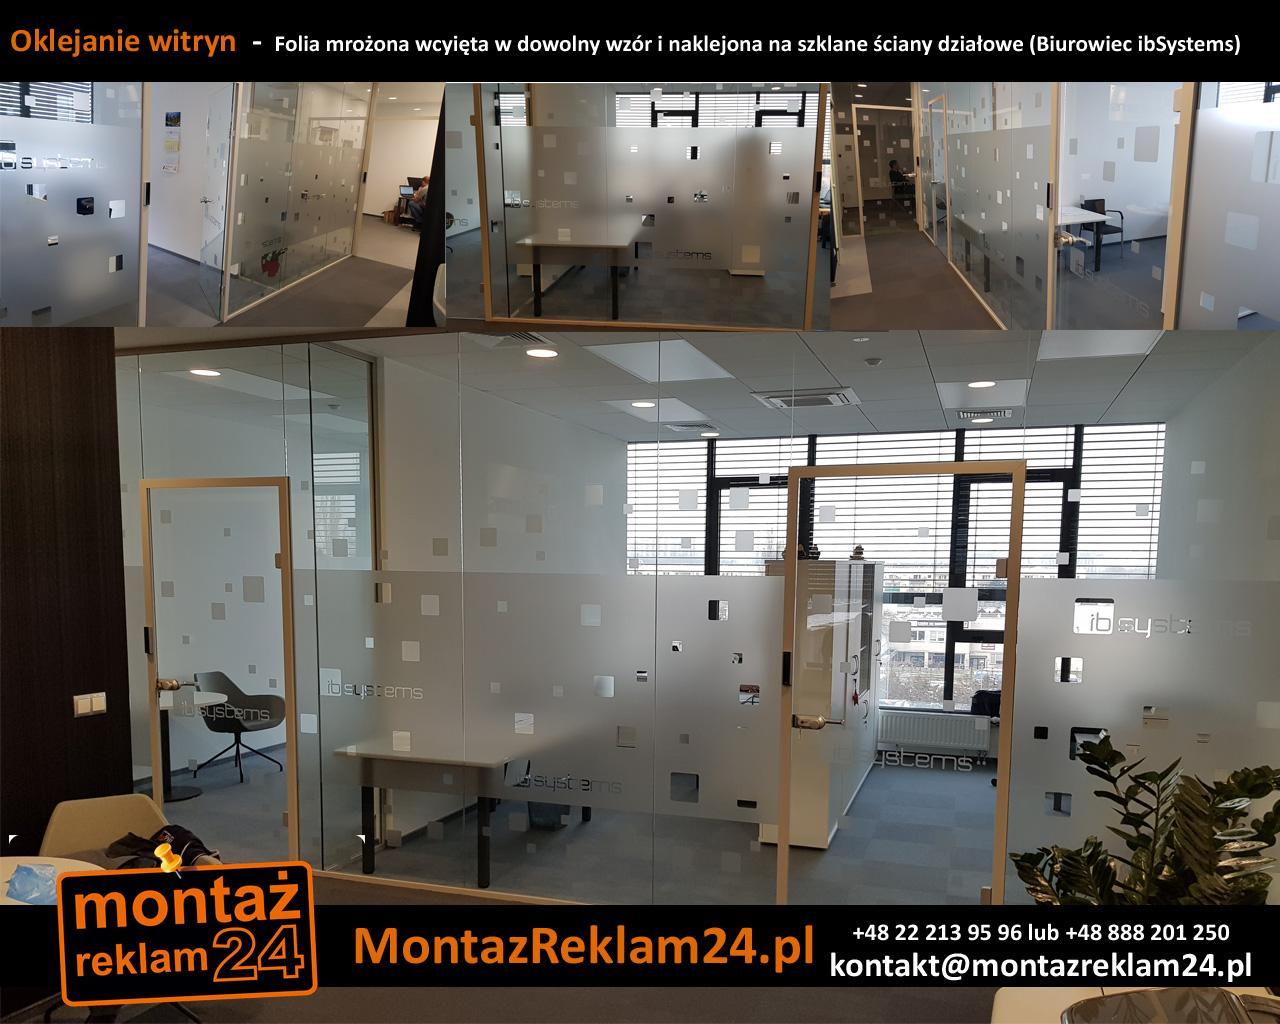 Oklejanie witryn  -  Folia mrożona wcyięta w dowolny wzór i naklejona na szklane ściany działowe (Biurowiec ibSystems).jpg